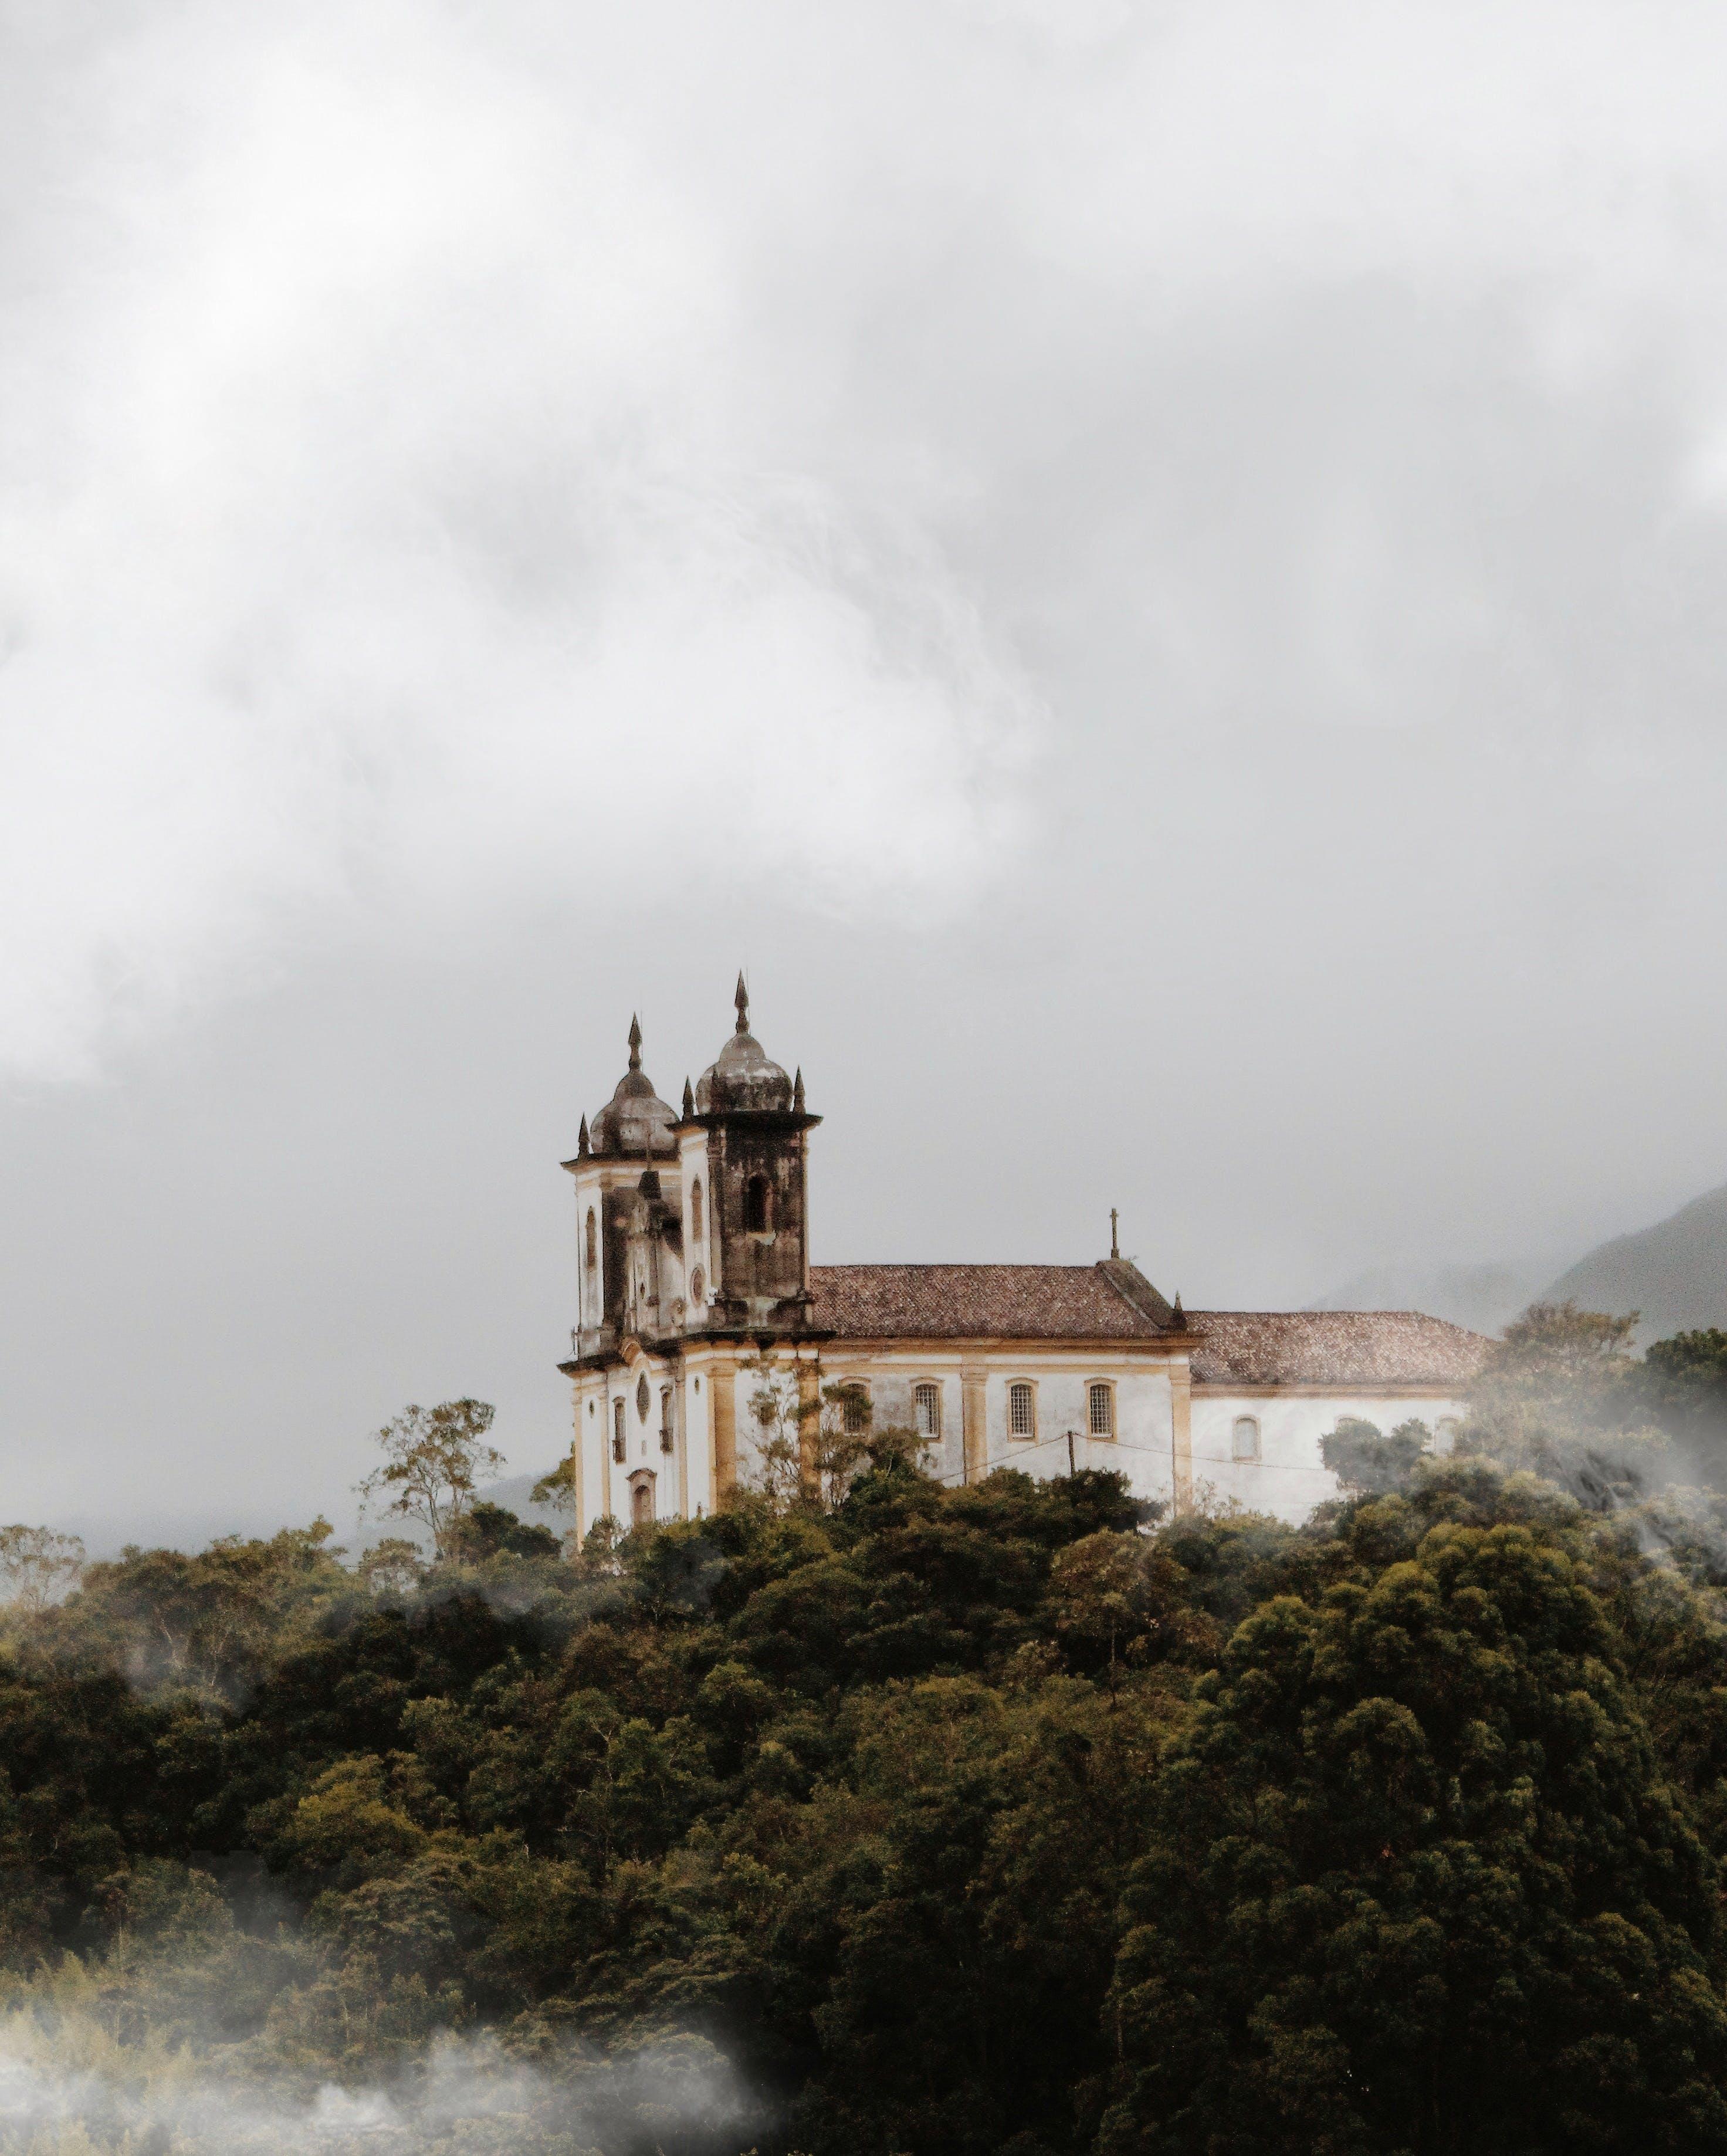 古老的, 塔, 宗教, 建築 的 免费素材照片